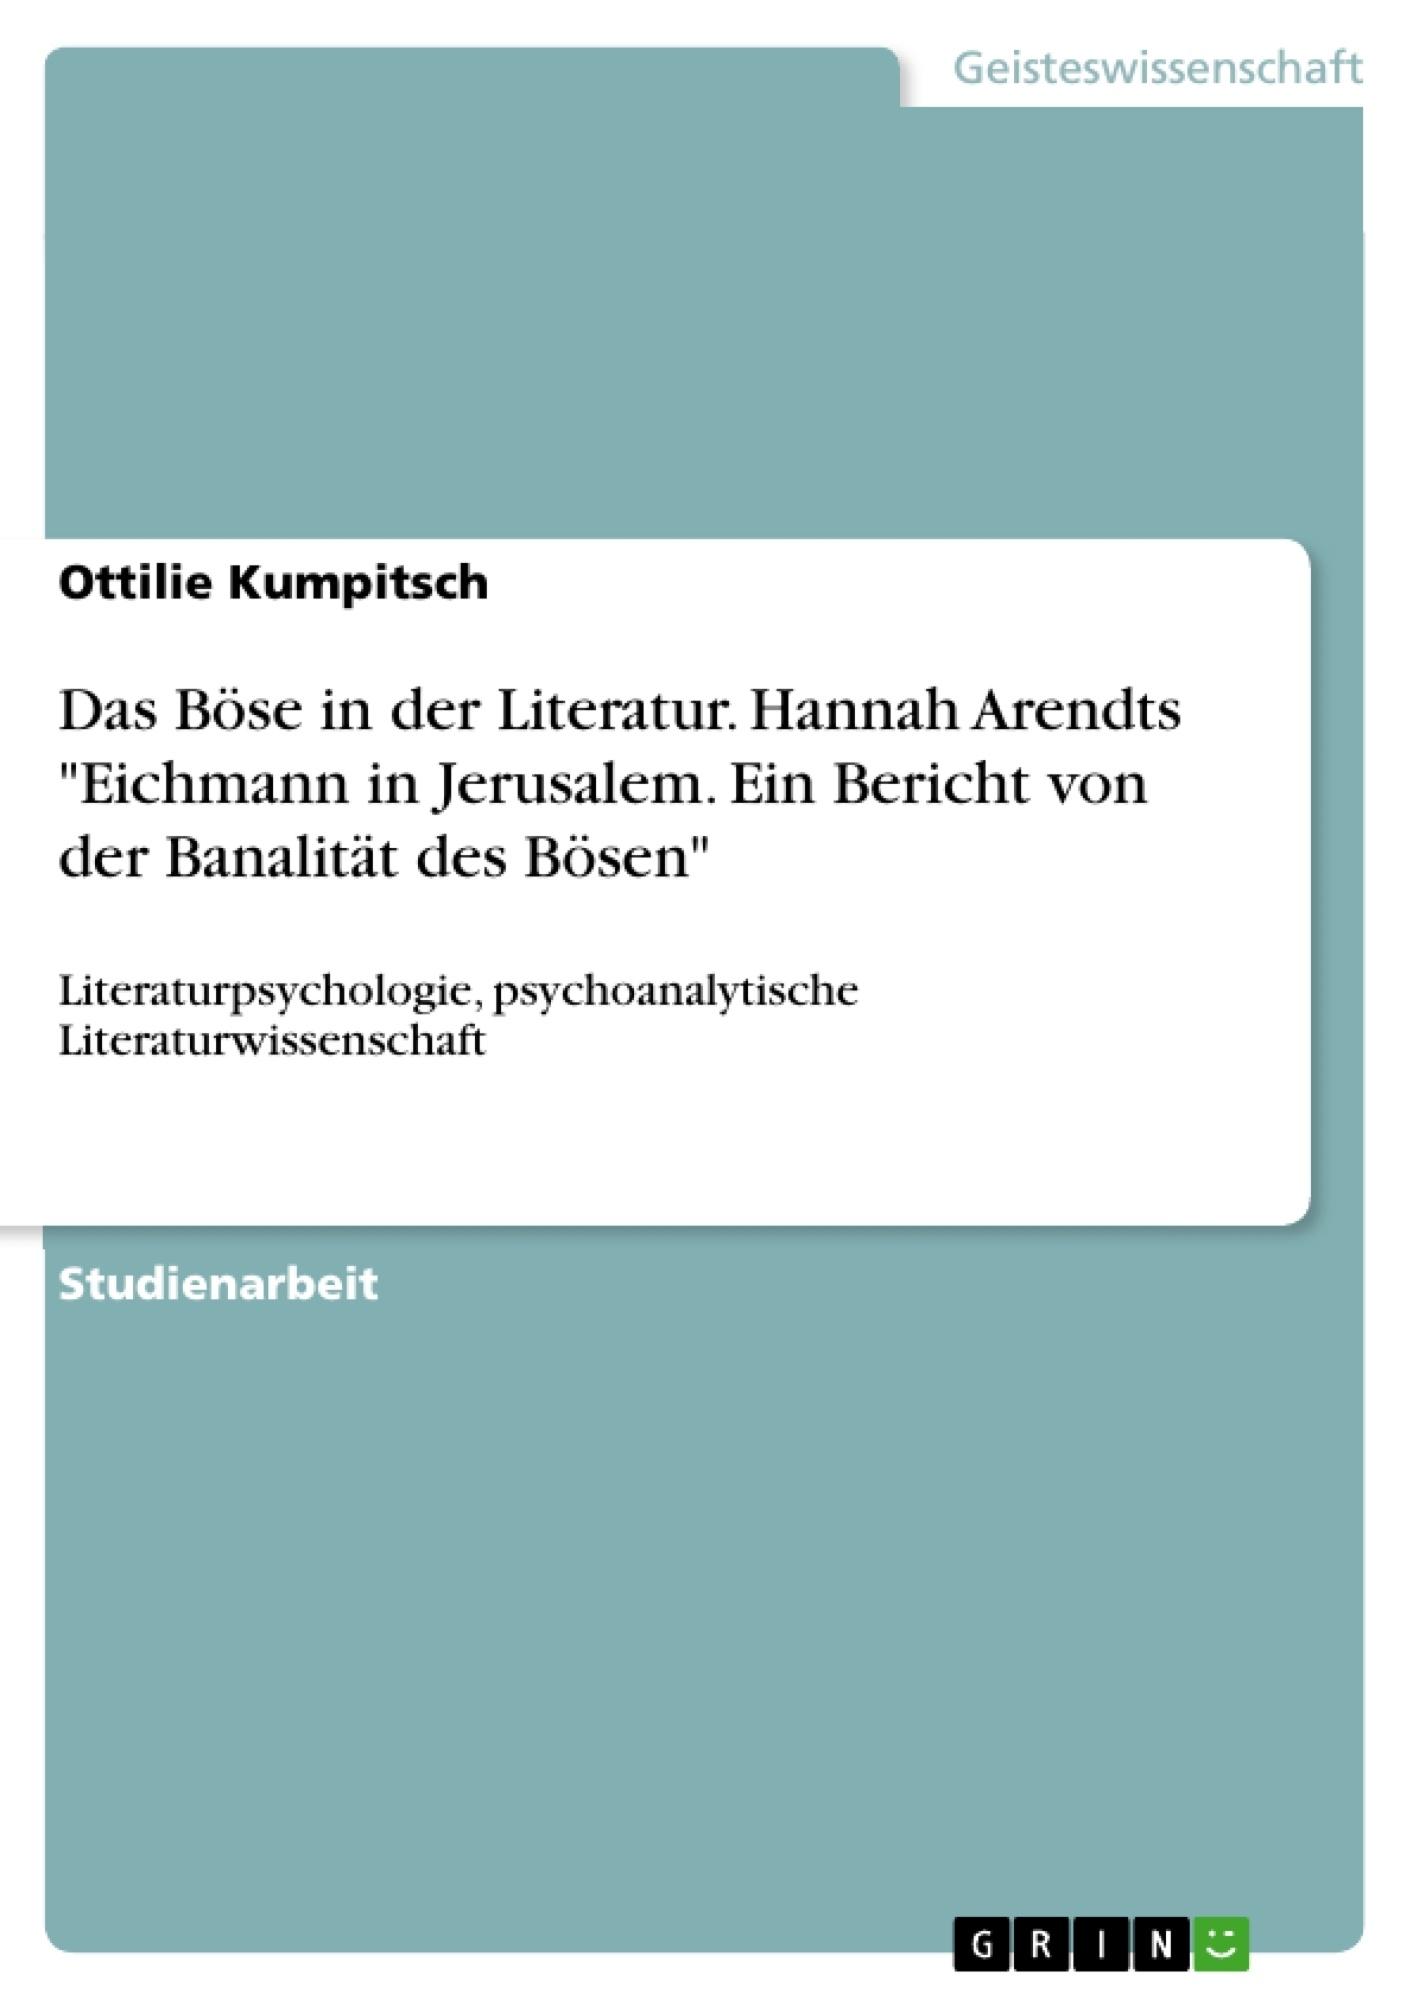 """Titel: Das Böse in der Literatur. Hannah Arendts """"Eichmann in Jerusalem. Ein Bericht von der Banalität des Bösen"""""""